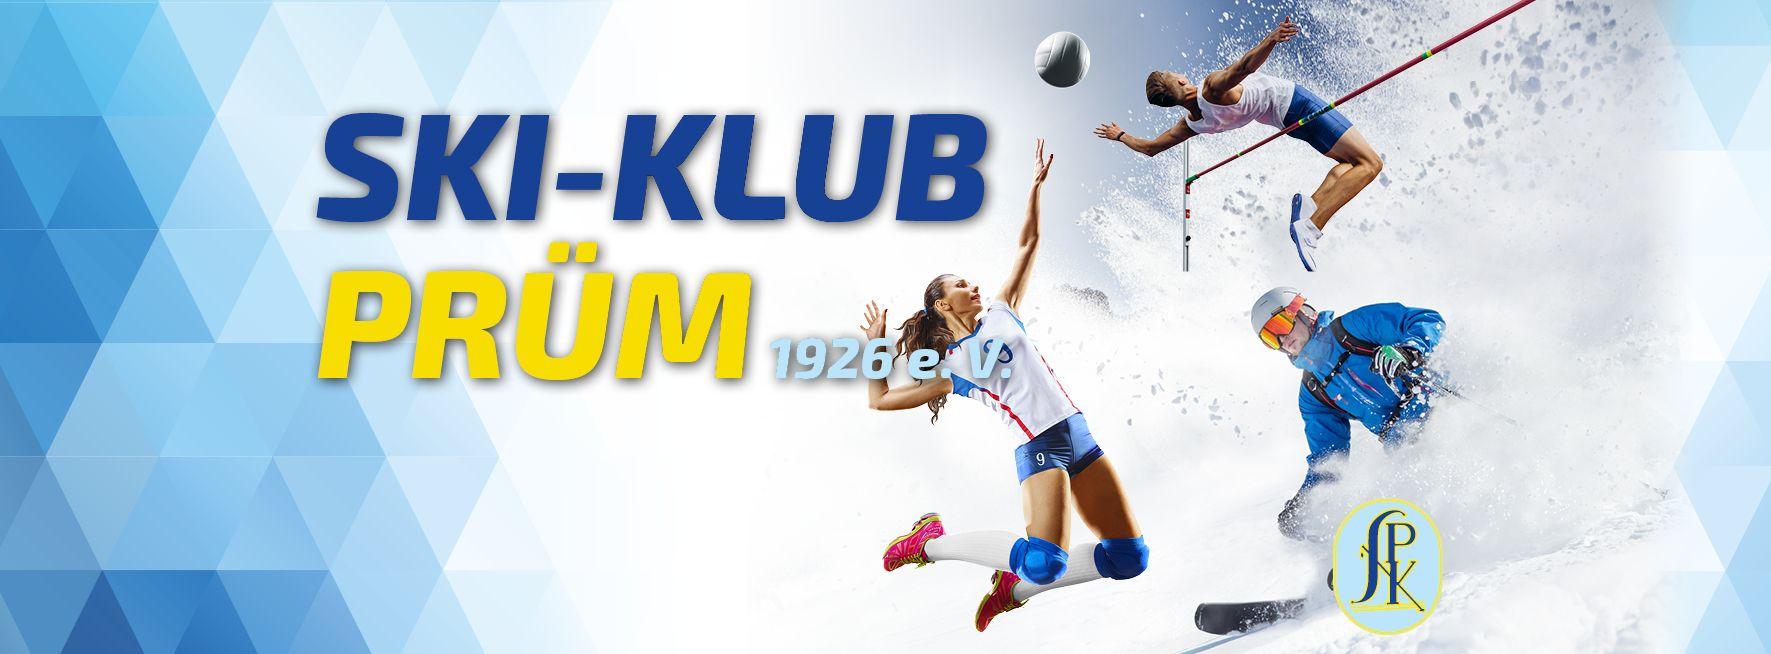 Leichtathletik | Ski-Klub Prüm 1926 e. V.